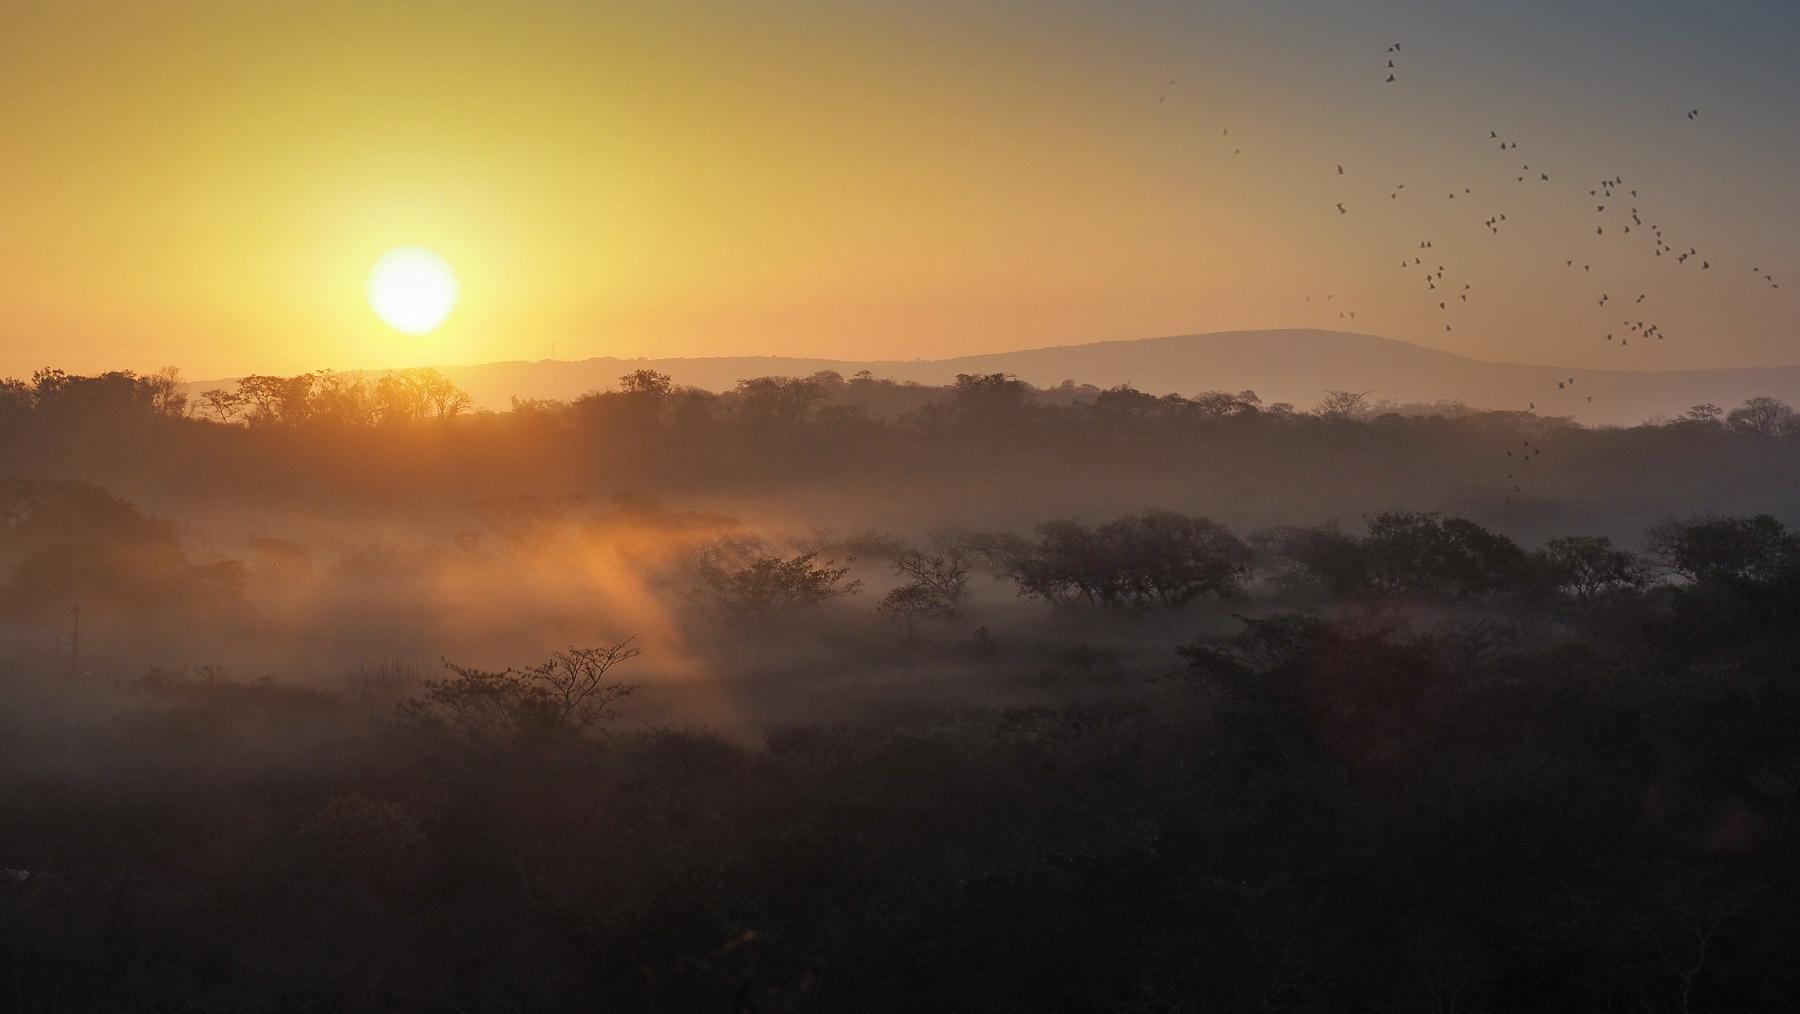 Ein Schwarm grüner Papageien fliegt in den Sonnenaufgang